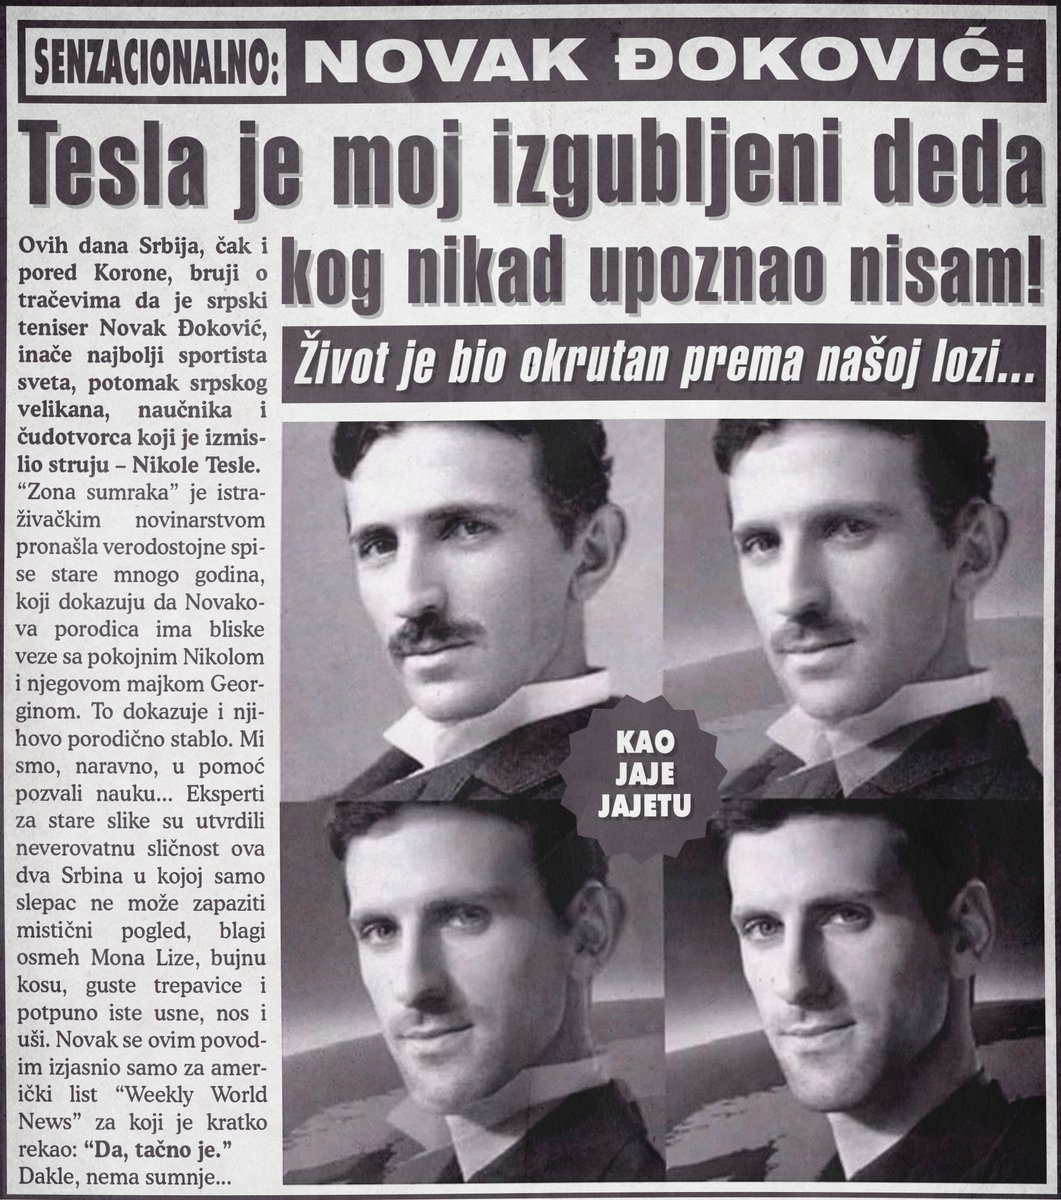 Novak Đoković: Nikola Tesla je moj izgubljeni deda kog nikad upoznao nisam!